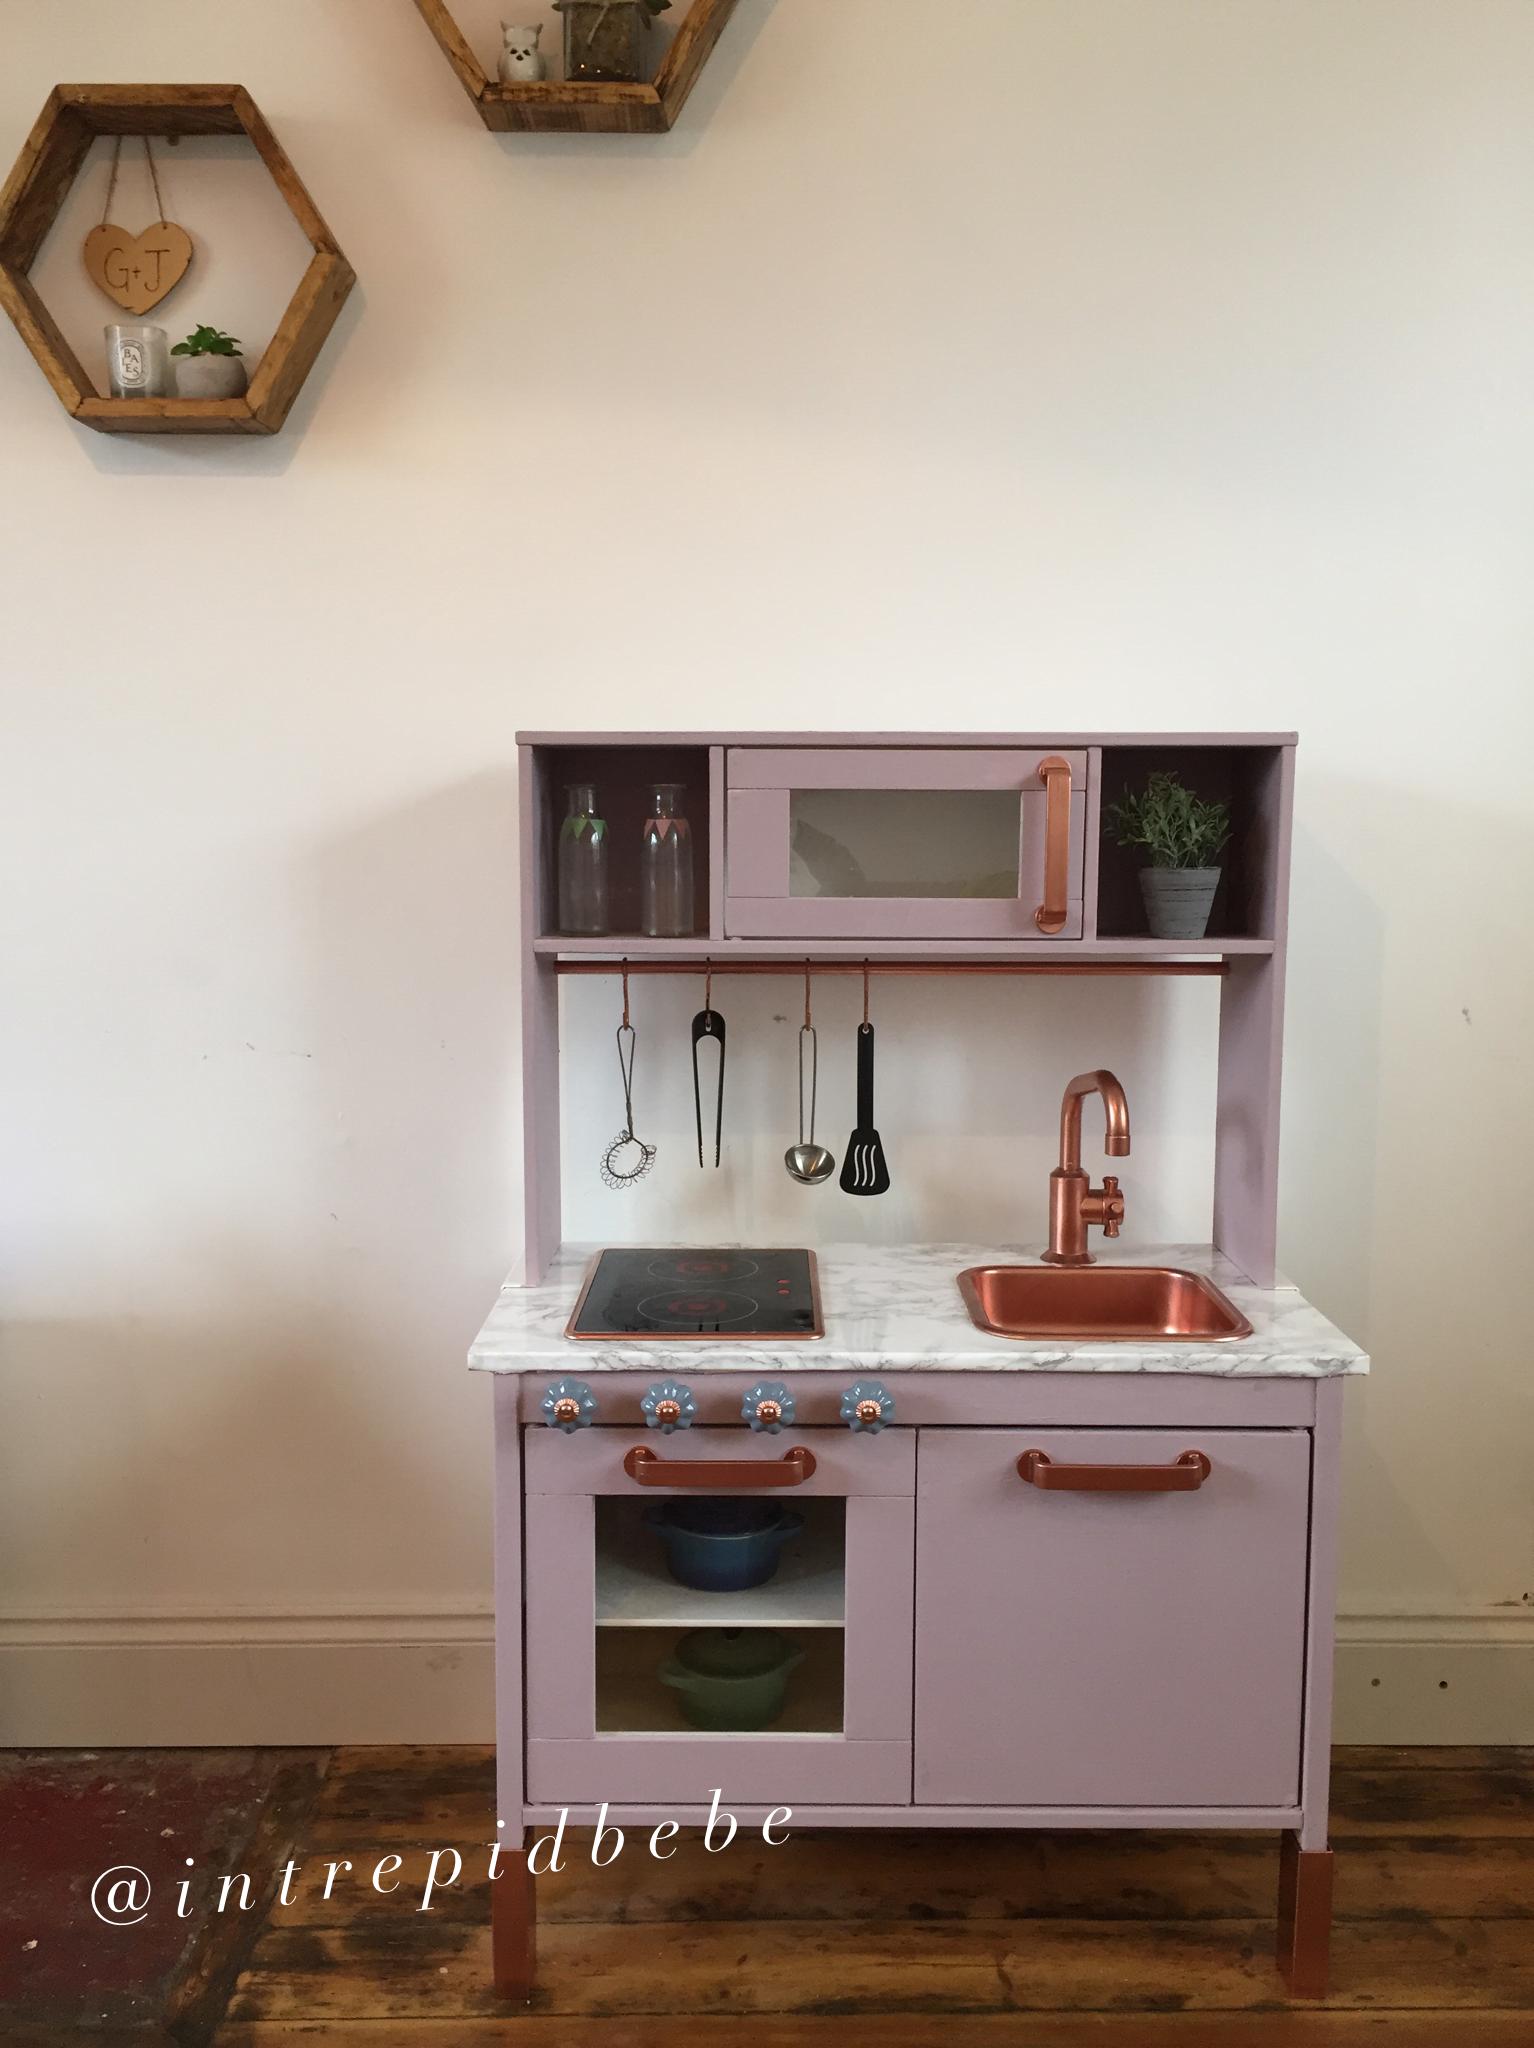 DUKTIG IKEA Kitchen, hack makeover upcycle refurb renovation ...